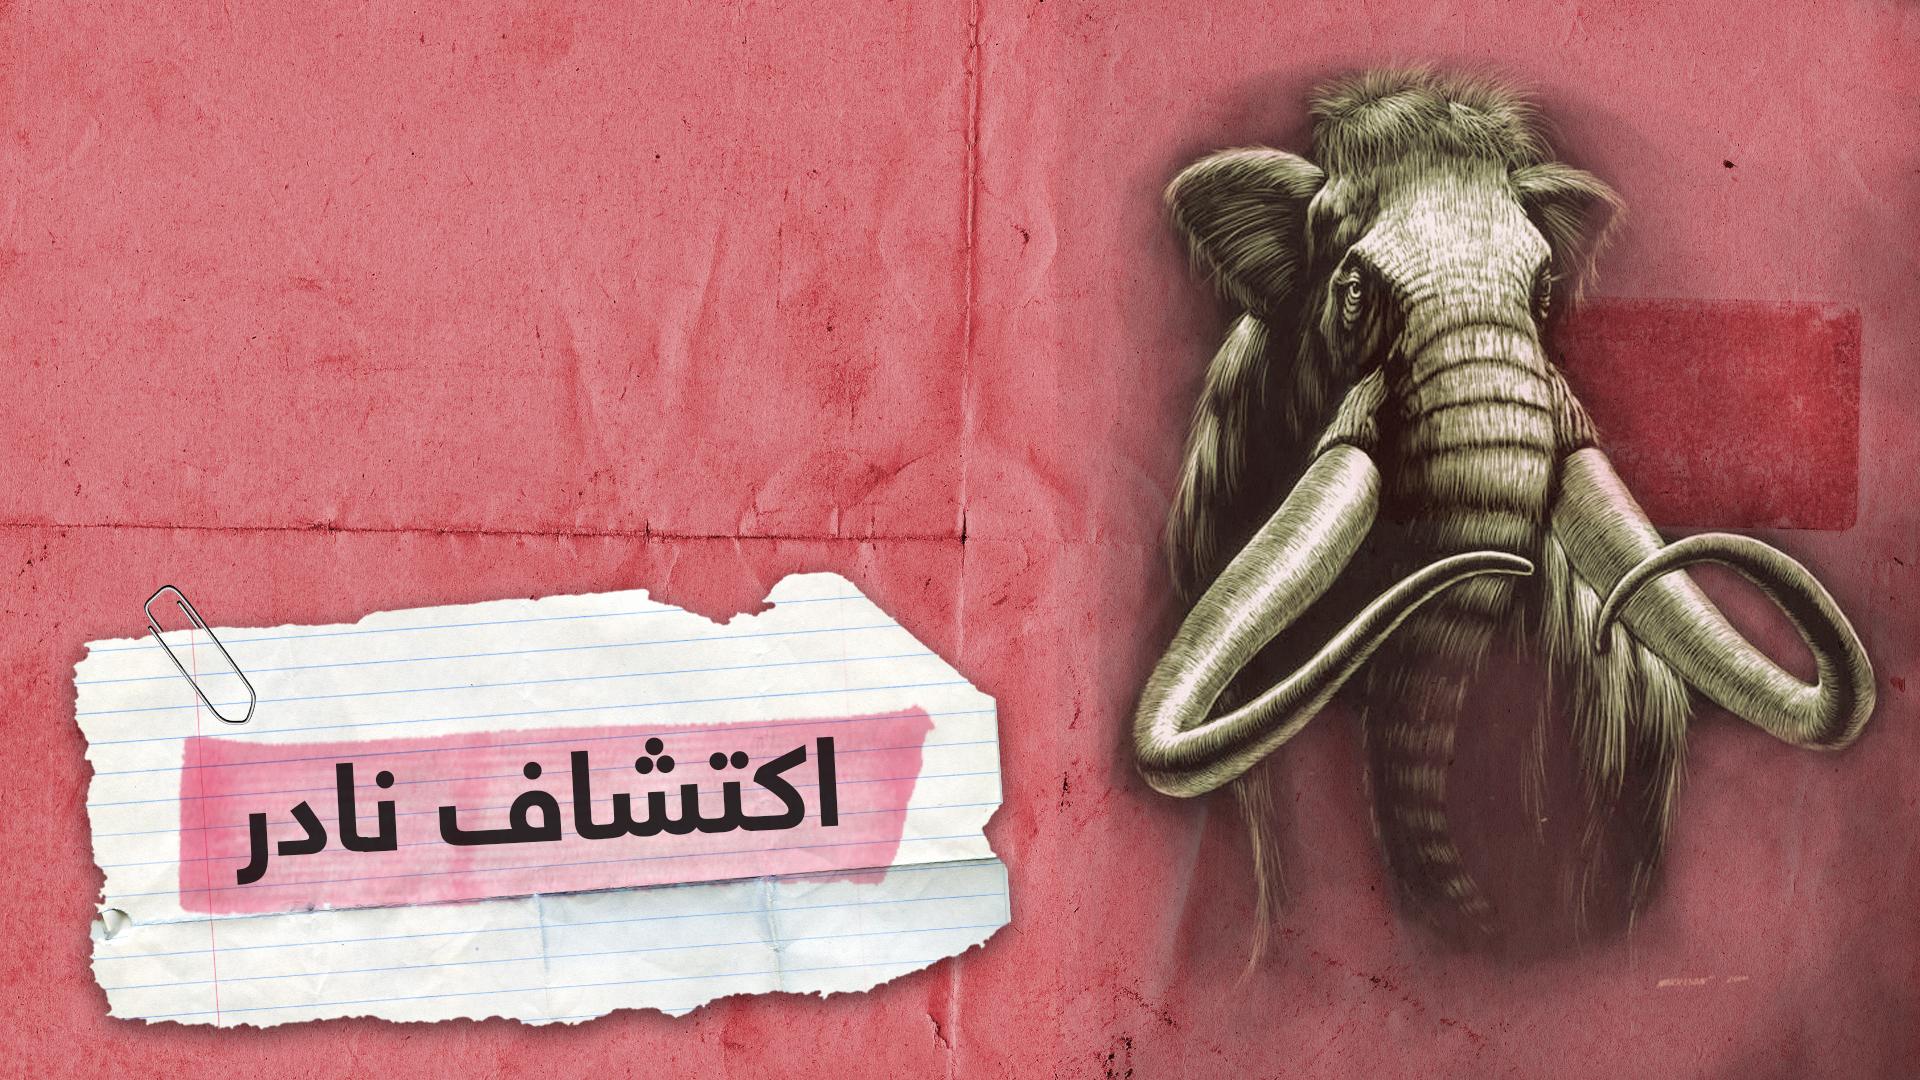 أكبر اكتشاف لفيل الماموث المنقرض منذ آلاف السنين